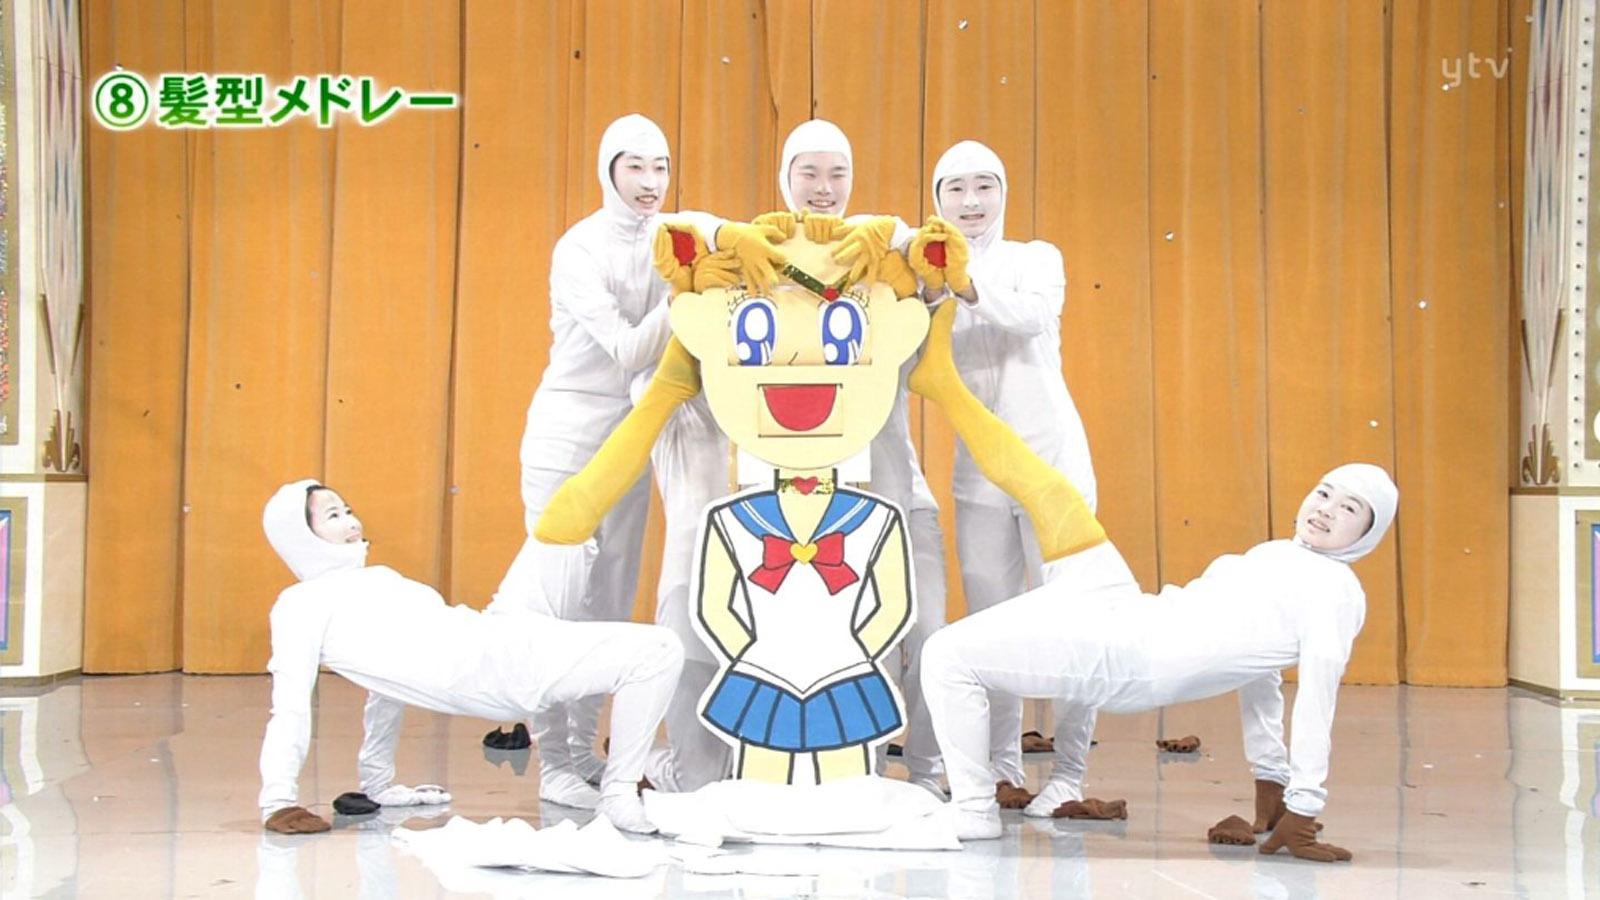 你可曾在童年裡看過一檔叫《超級變變變》的日本綜藝節目?